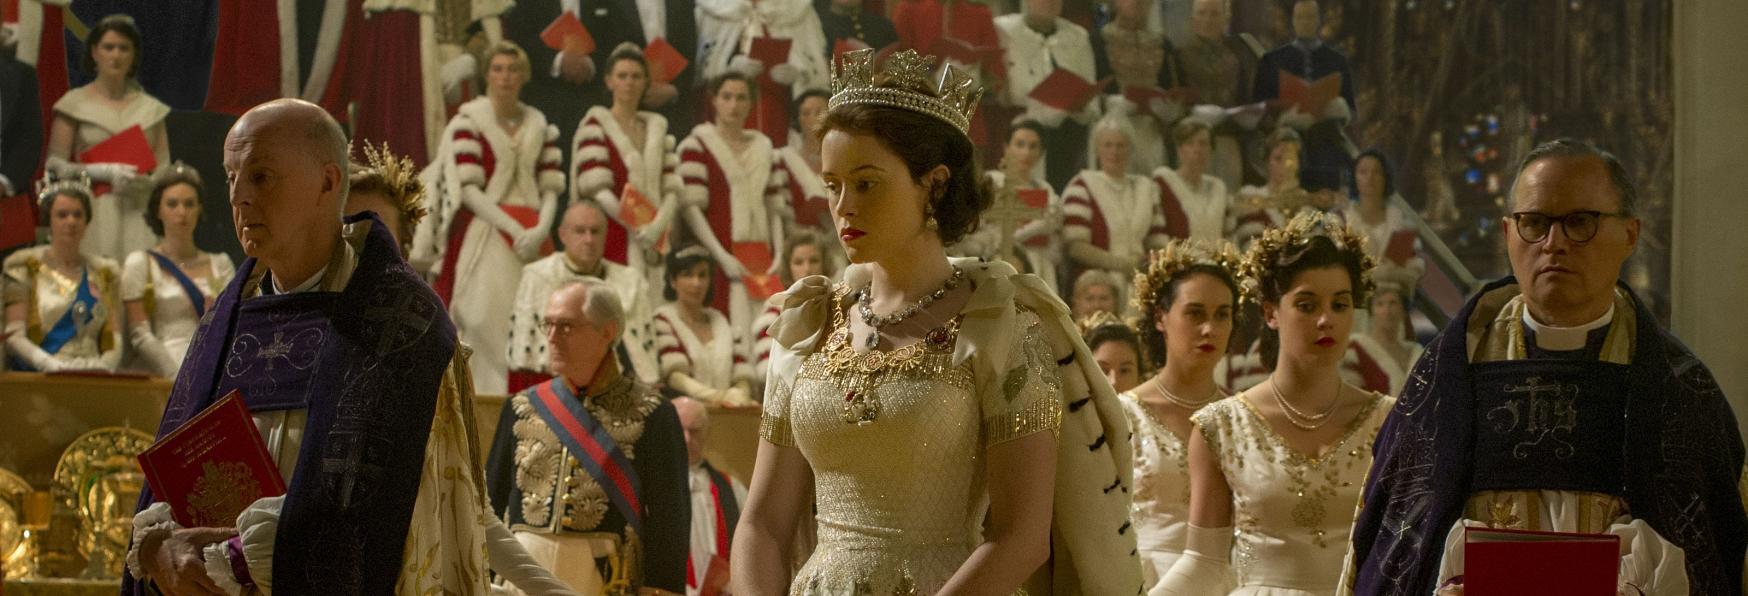 The Crown 5: svelata la Data di Uscita della nuova Stagione della Serie TV Netflix